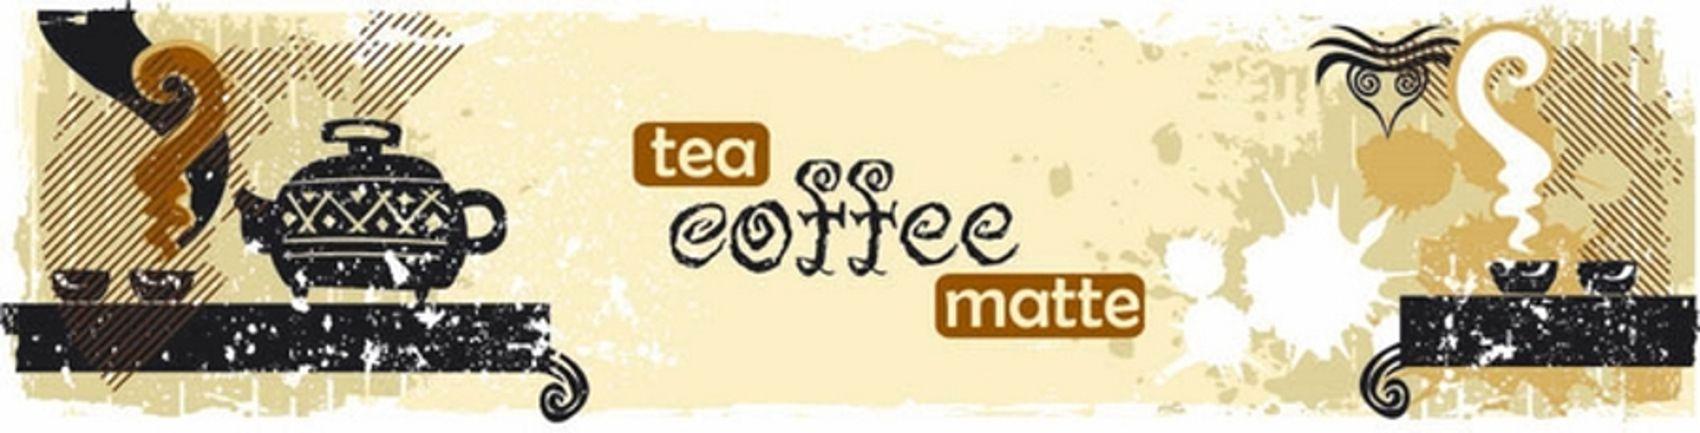 Кофе чай